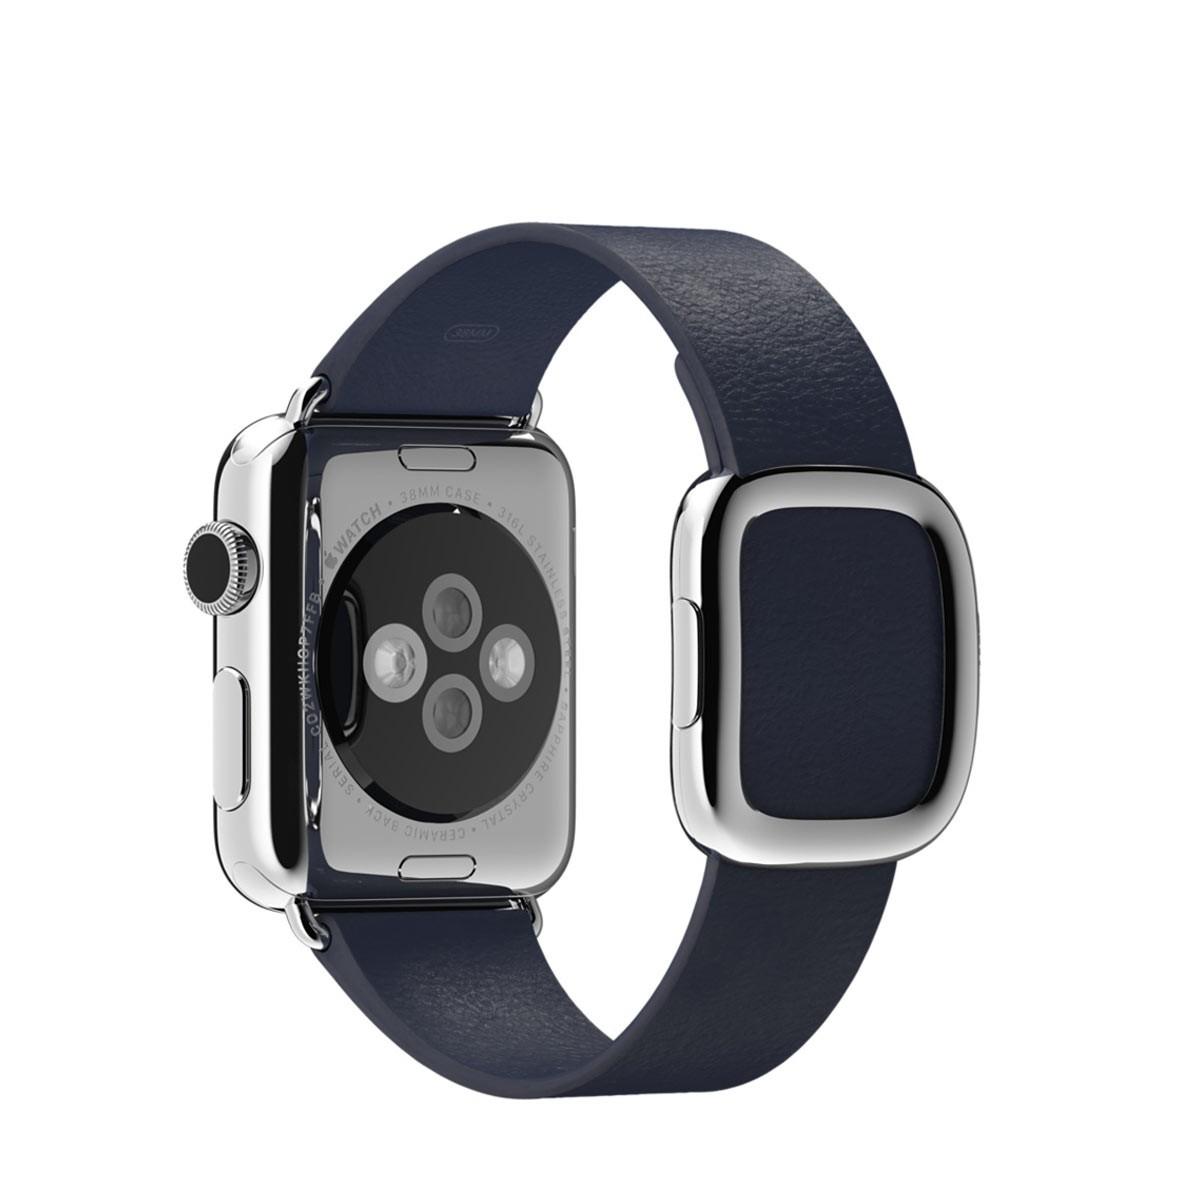 Apple 38mm půlnočně modrý řemínek s moderní přezkou – malý